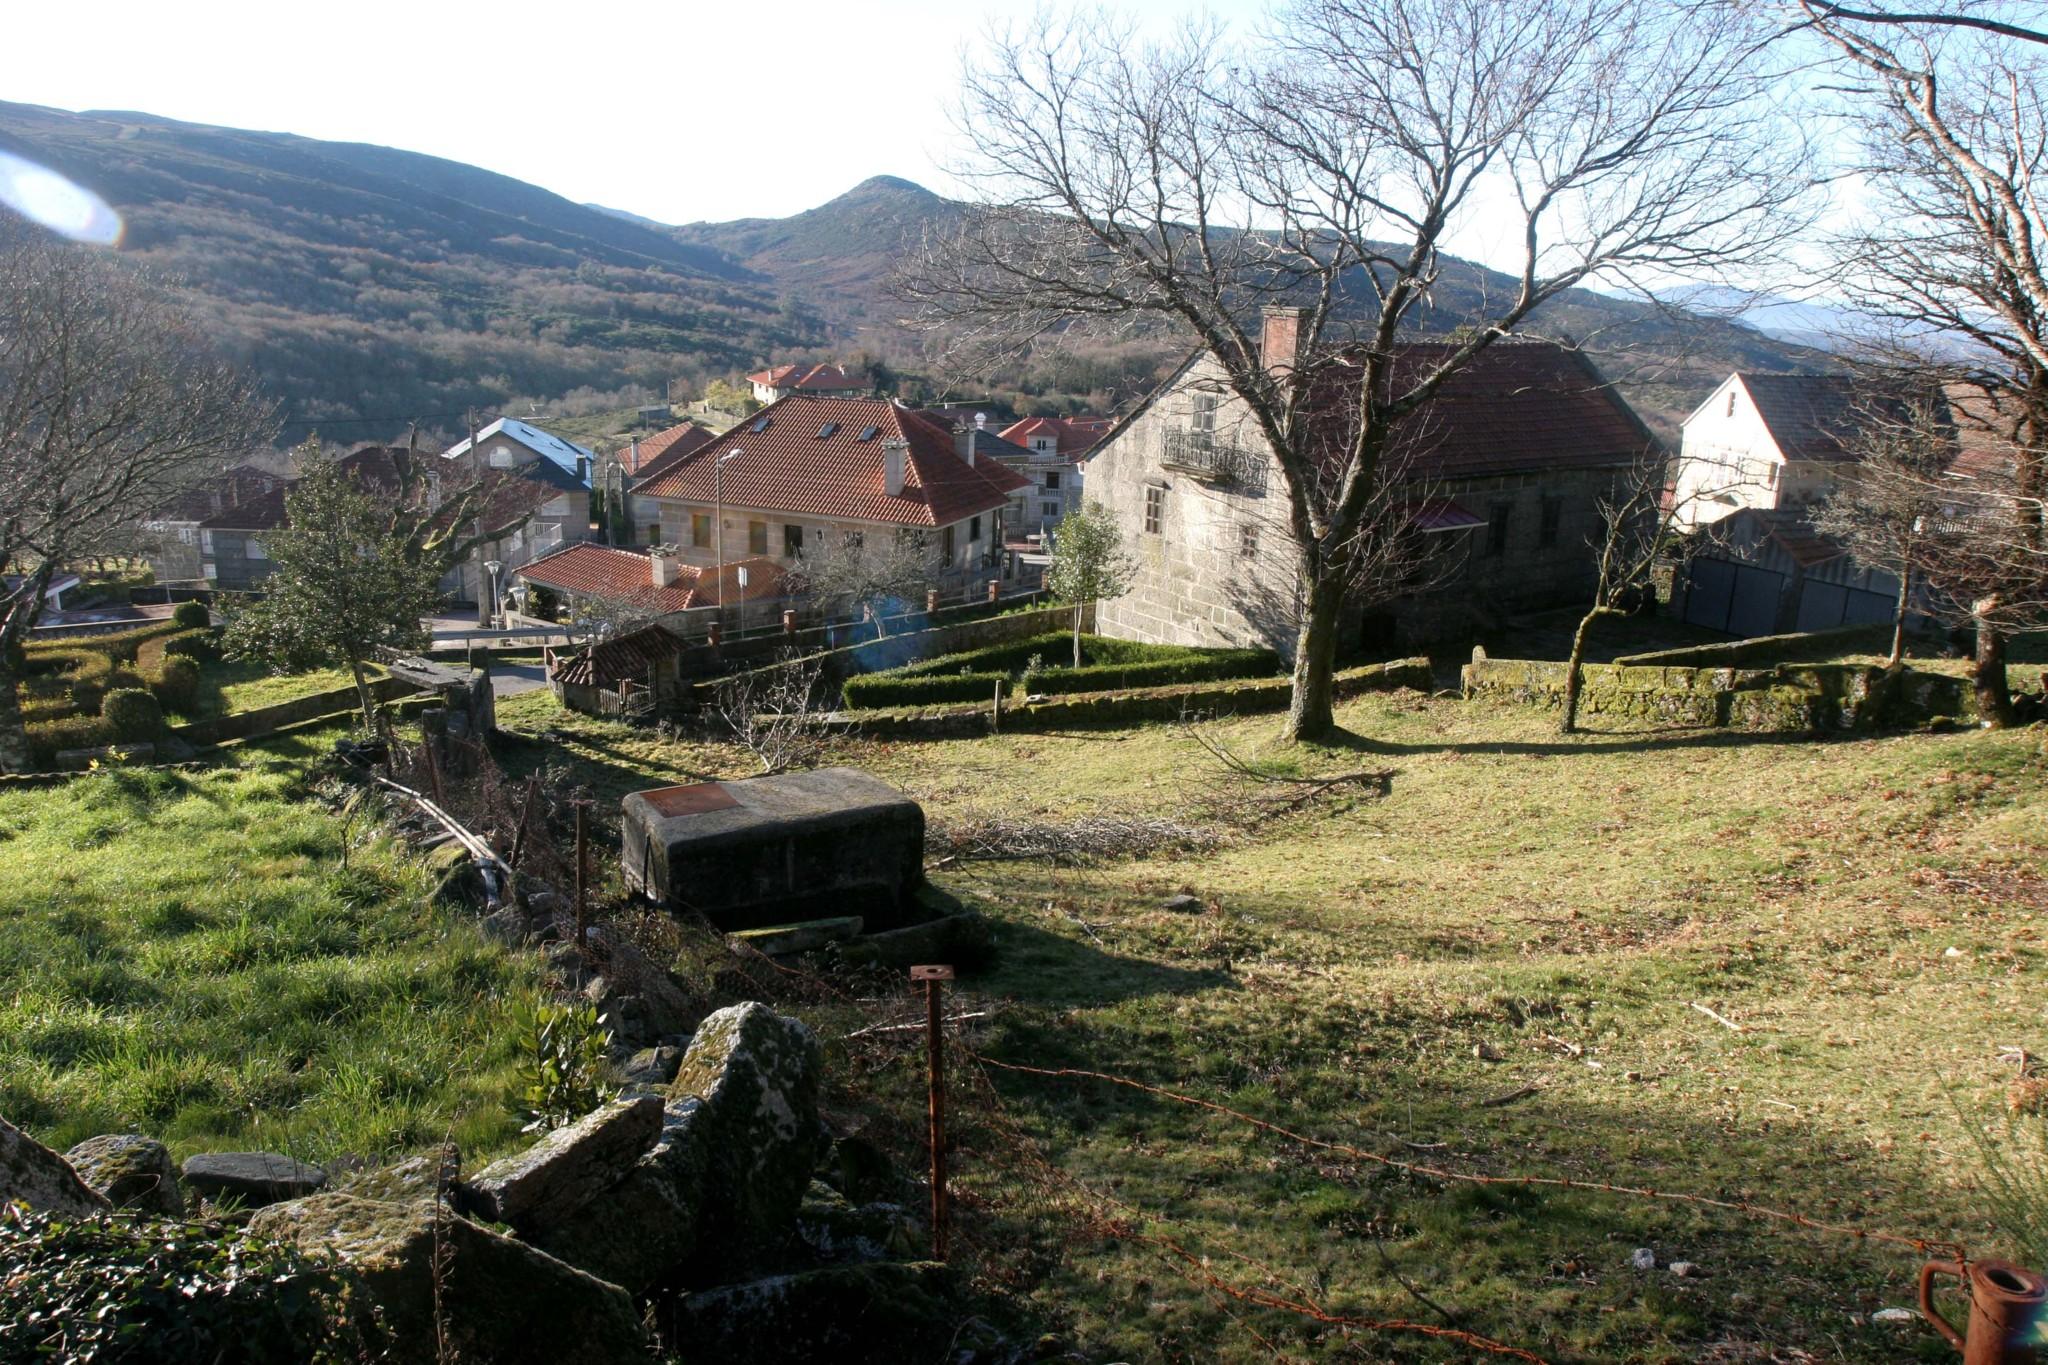 Espa a rural el 35 de la poblaci n rural en espa a vive en riesgo de pobreza o exclusi n - Pueblos de espana que ofrecen casa y trabajo 2017 ...